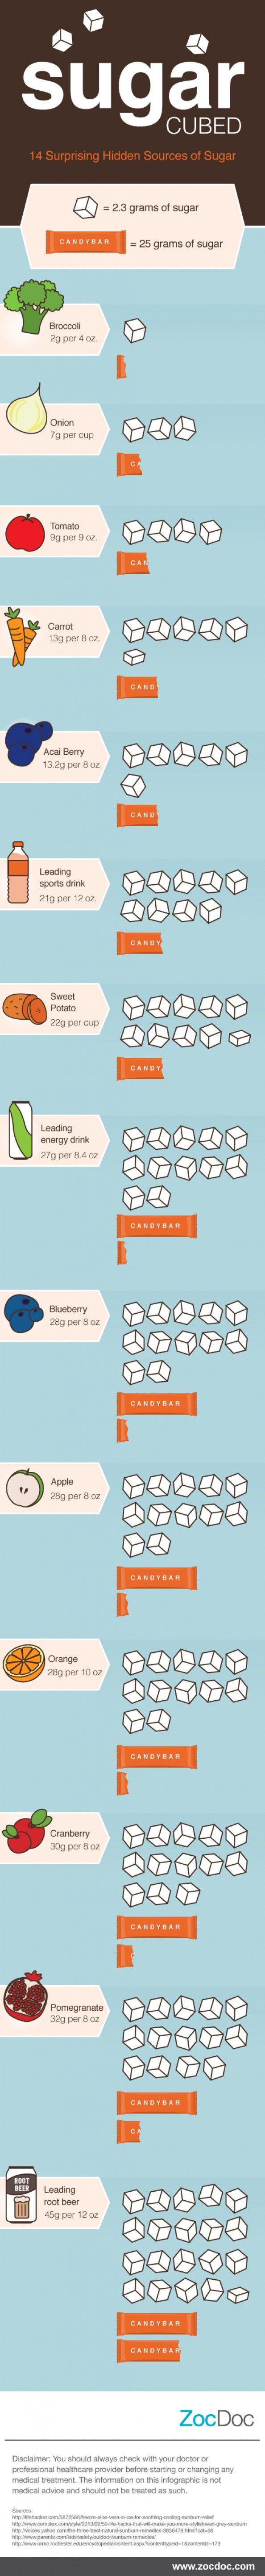 La cantidad de azúcar oculta en 14 alimentos